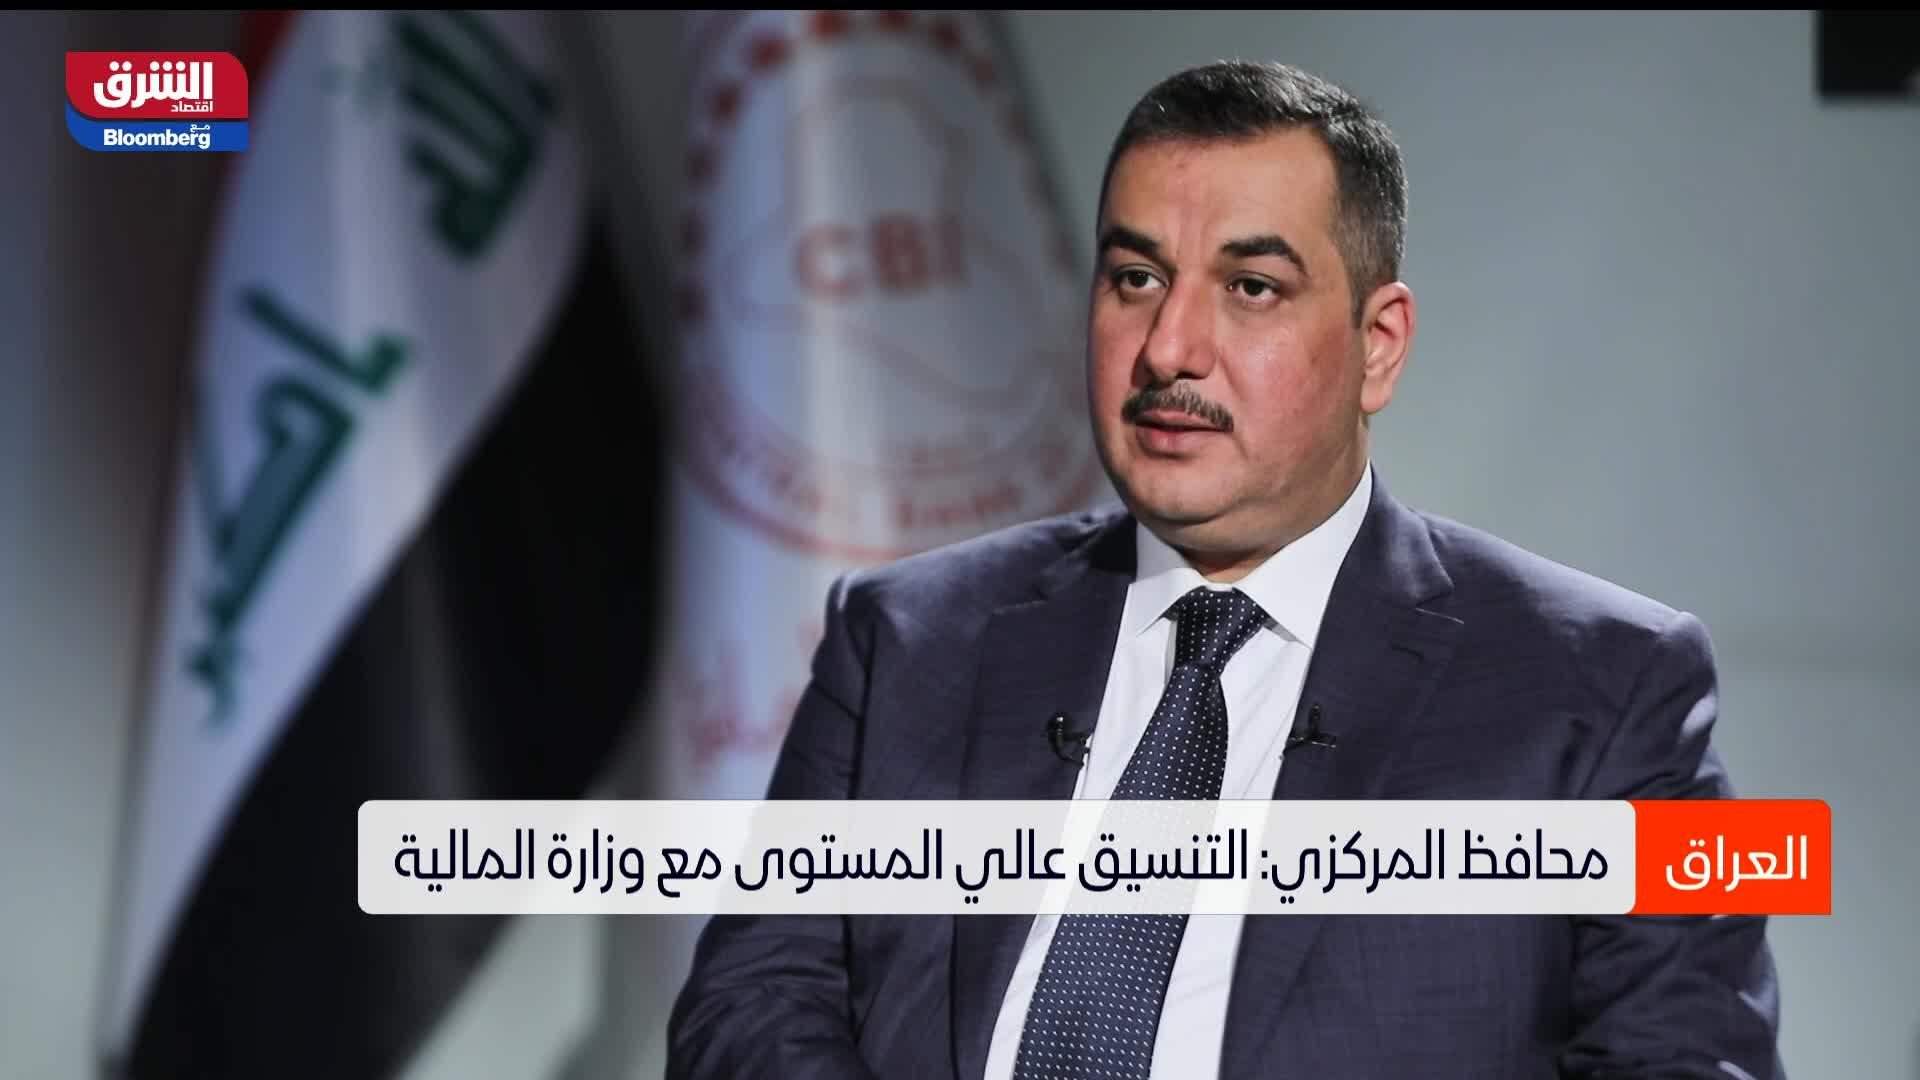 محافظ المركزي العراقي: التنسيق عالي المستوى مع وزارة المالية